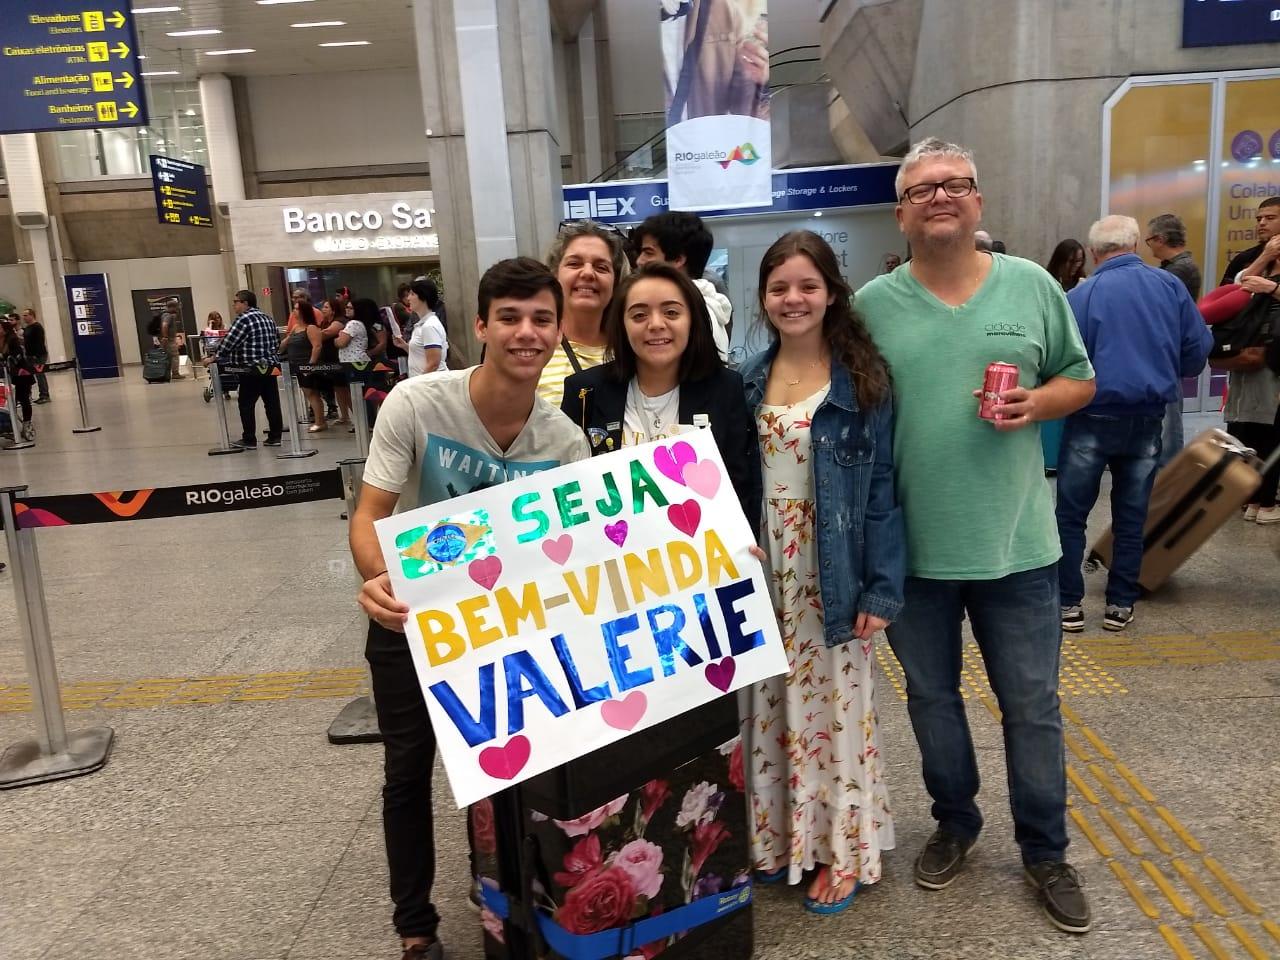 Valerie, Colorado to Brazil